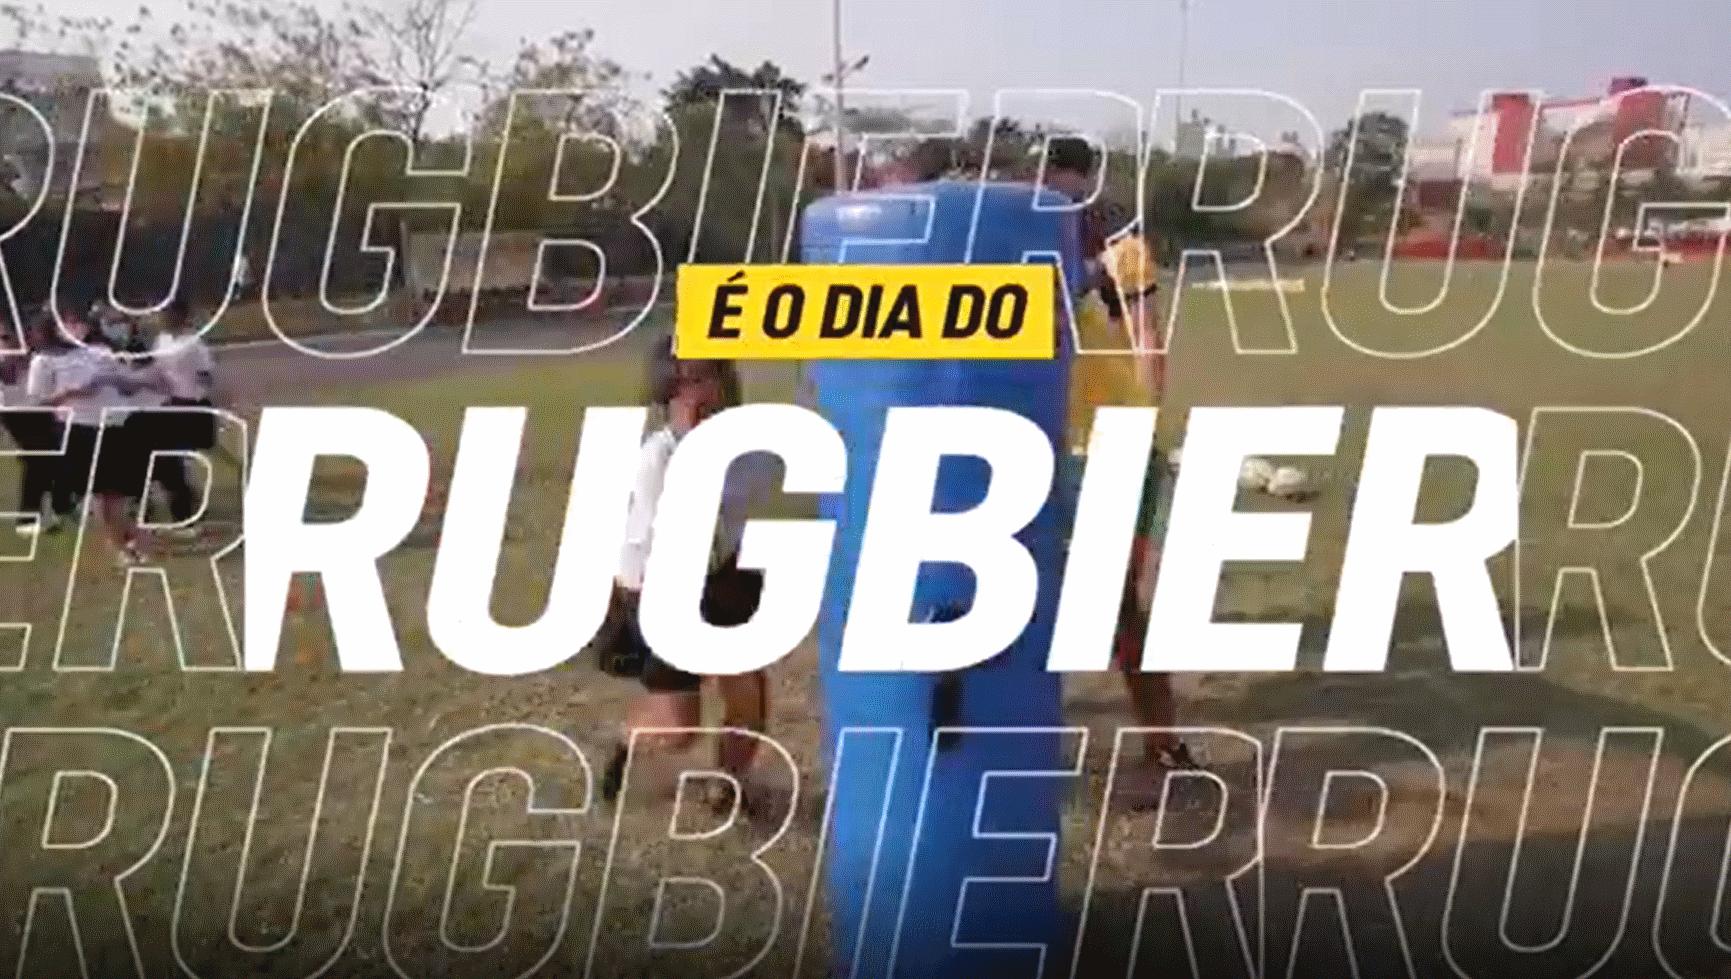 Brasil Rugby faz homenagem e estabelece 20 de setembro como 'Dia do Rugbier' no Brasil